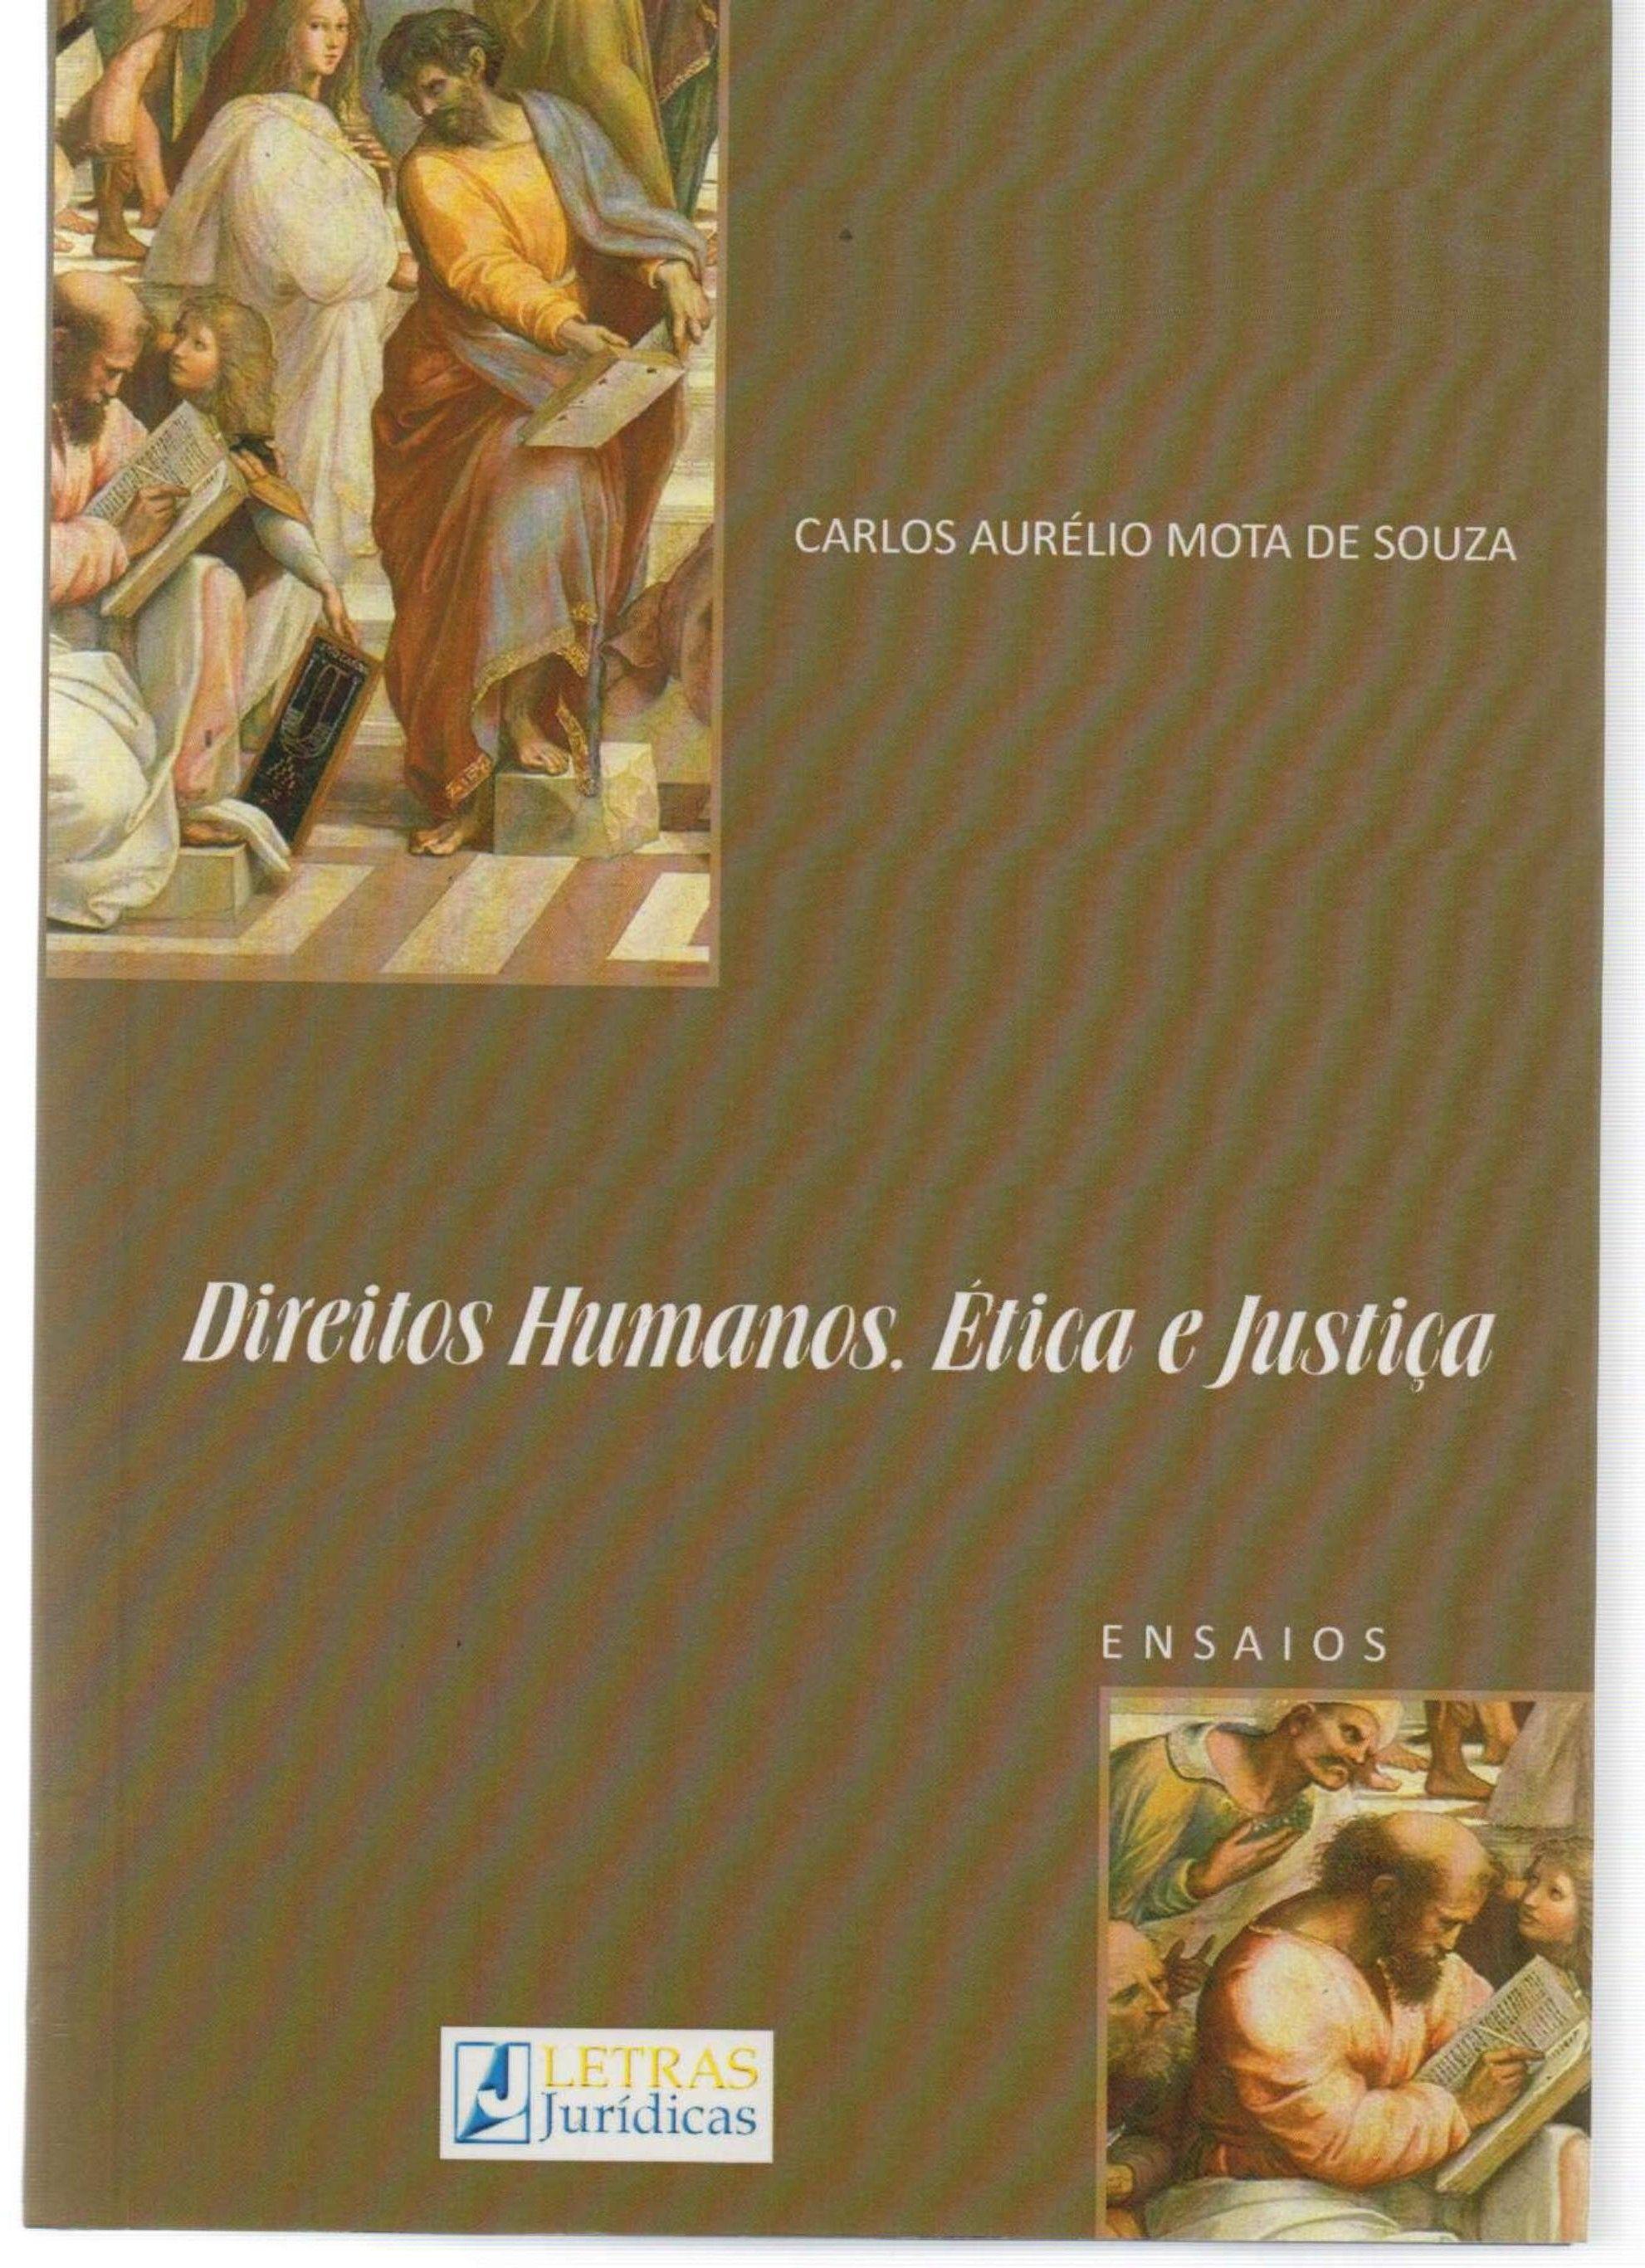 Direitos Humanos - Ética e Justiça - Ensaios